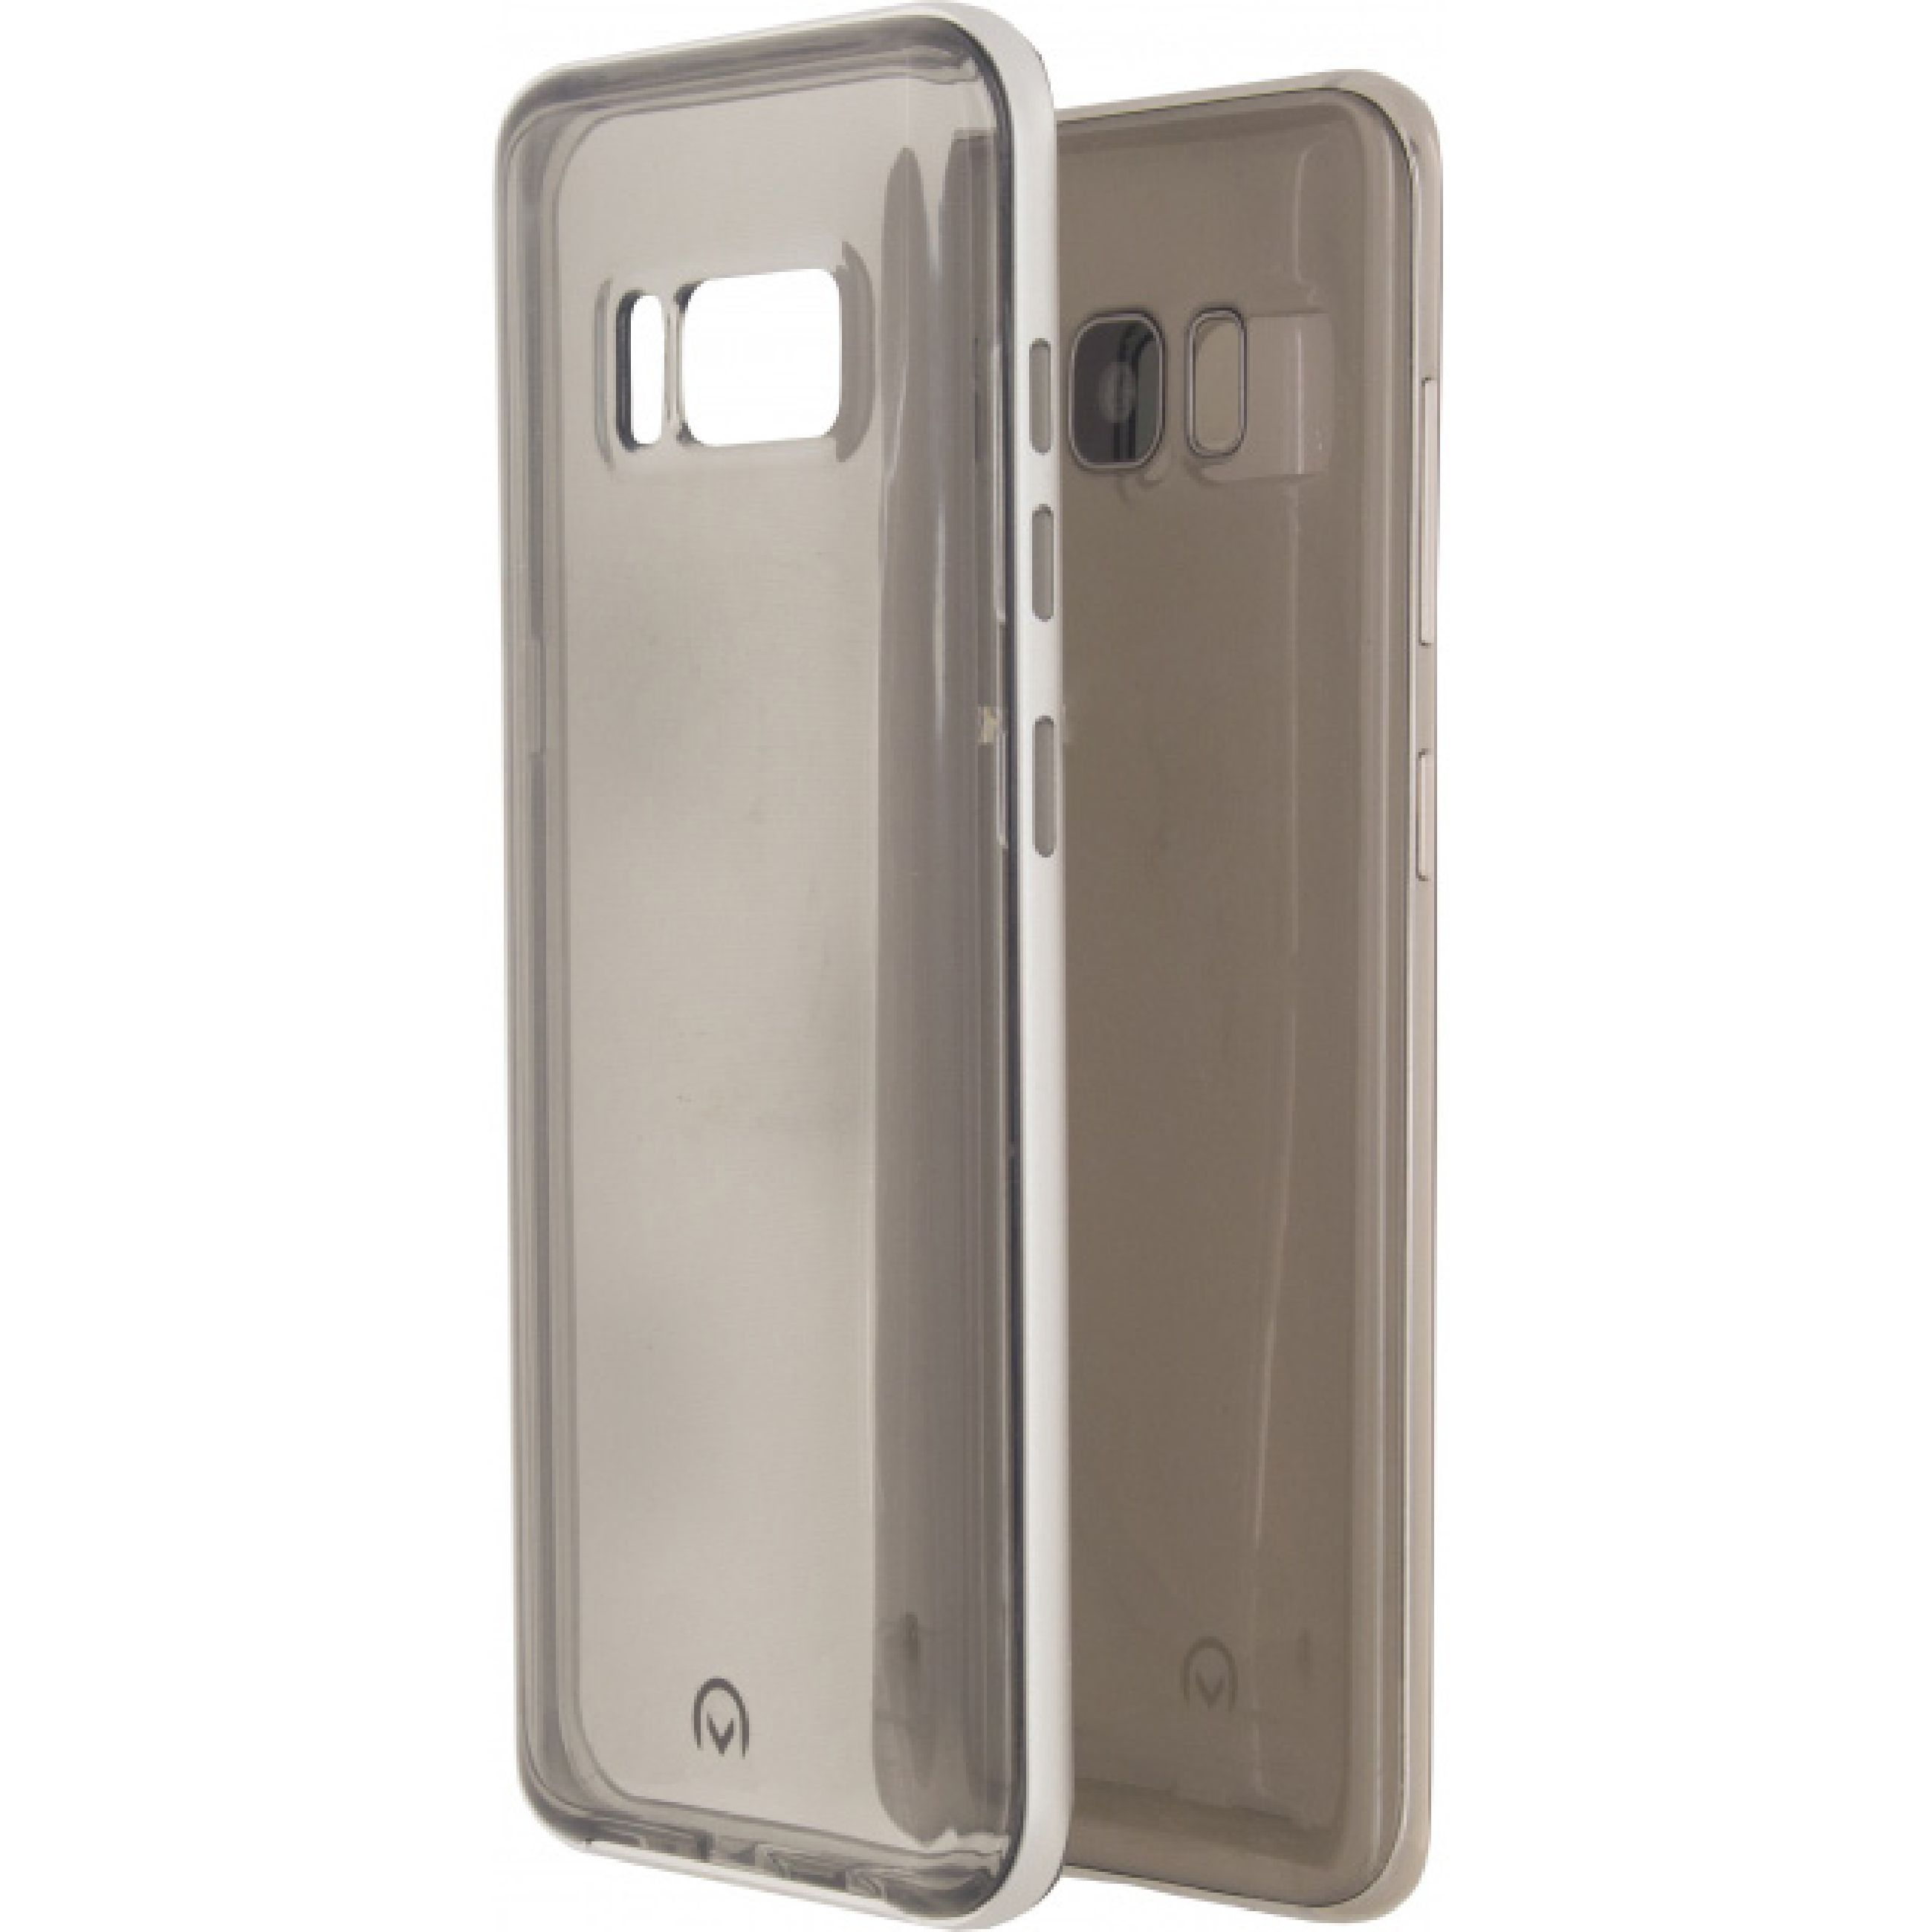 Image of   Telefon Gelly+ Etui Samsung Galaxy S8 Gennemsigtig/Aluminium